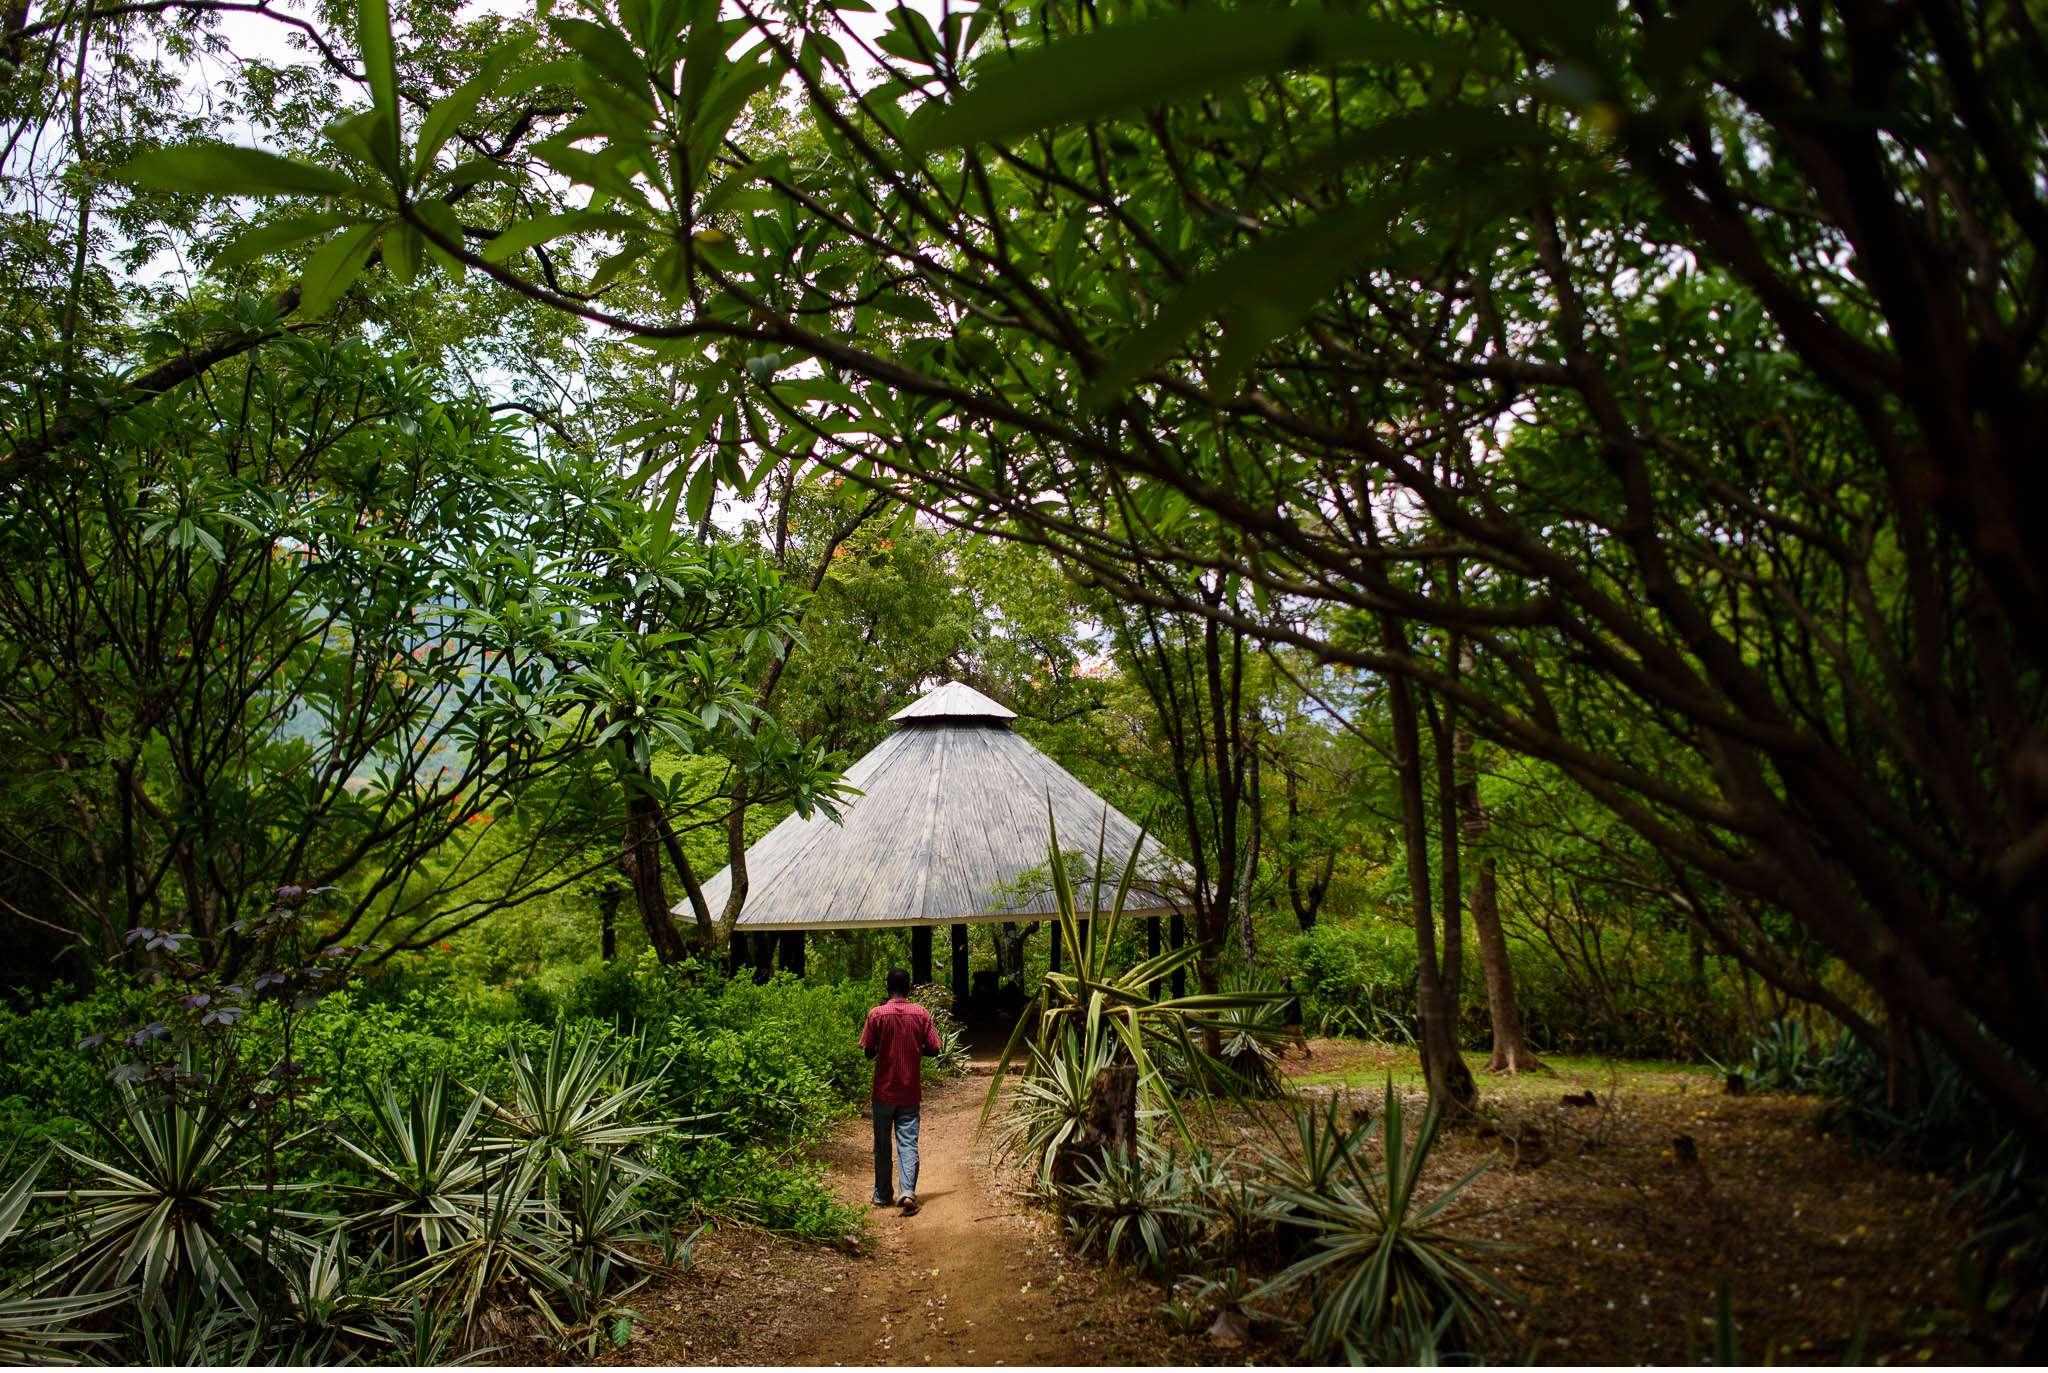 Malawi-Quer durch Afrika- Geschichten von unterwegs by Marion and Daniel-35